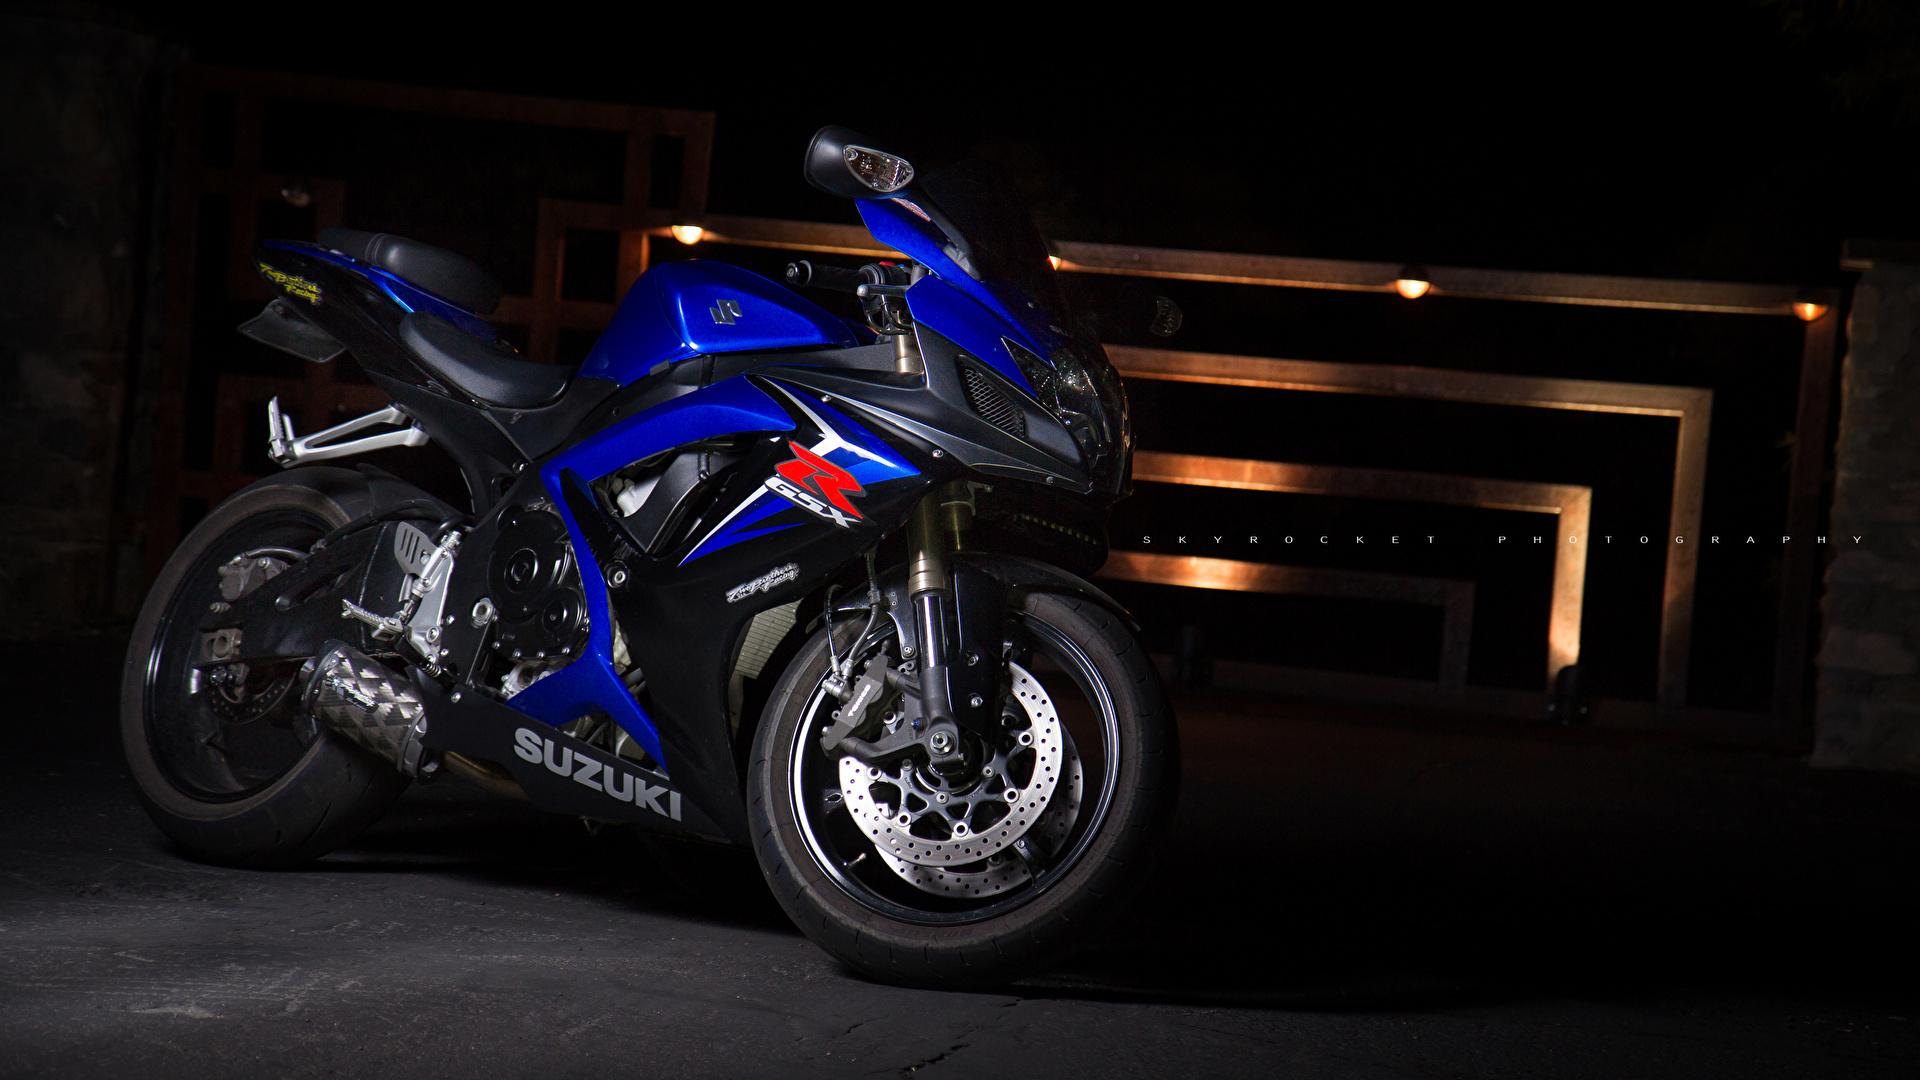 壁紙 1920x1080 スズキバイク Sportbike Gsx R600 オートバイ ダウンロード 写真